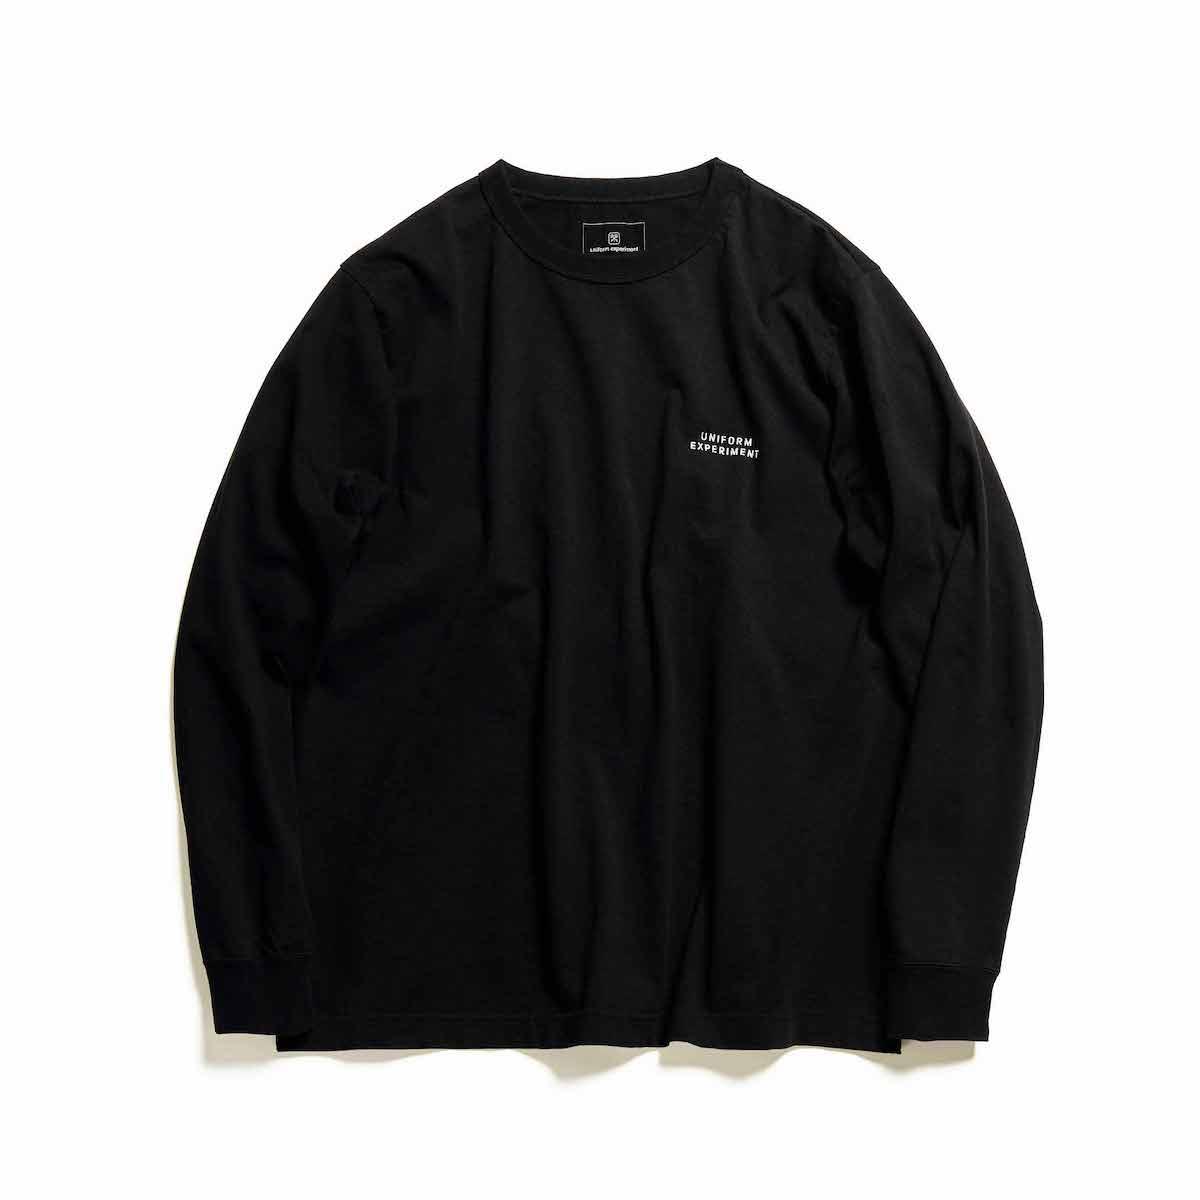 uniform experiment / STENCILE WIDE L/S TEE (Black)